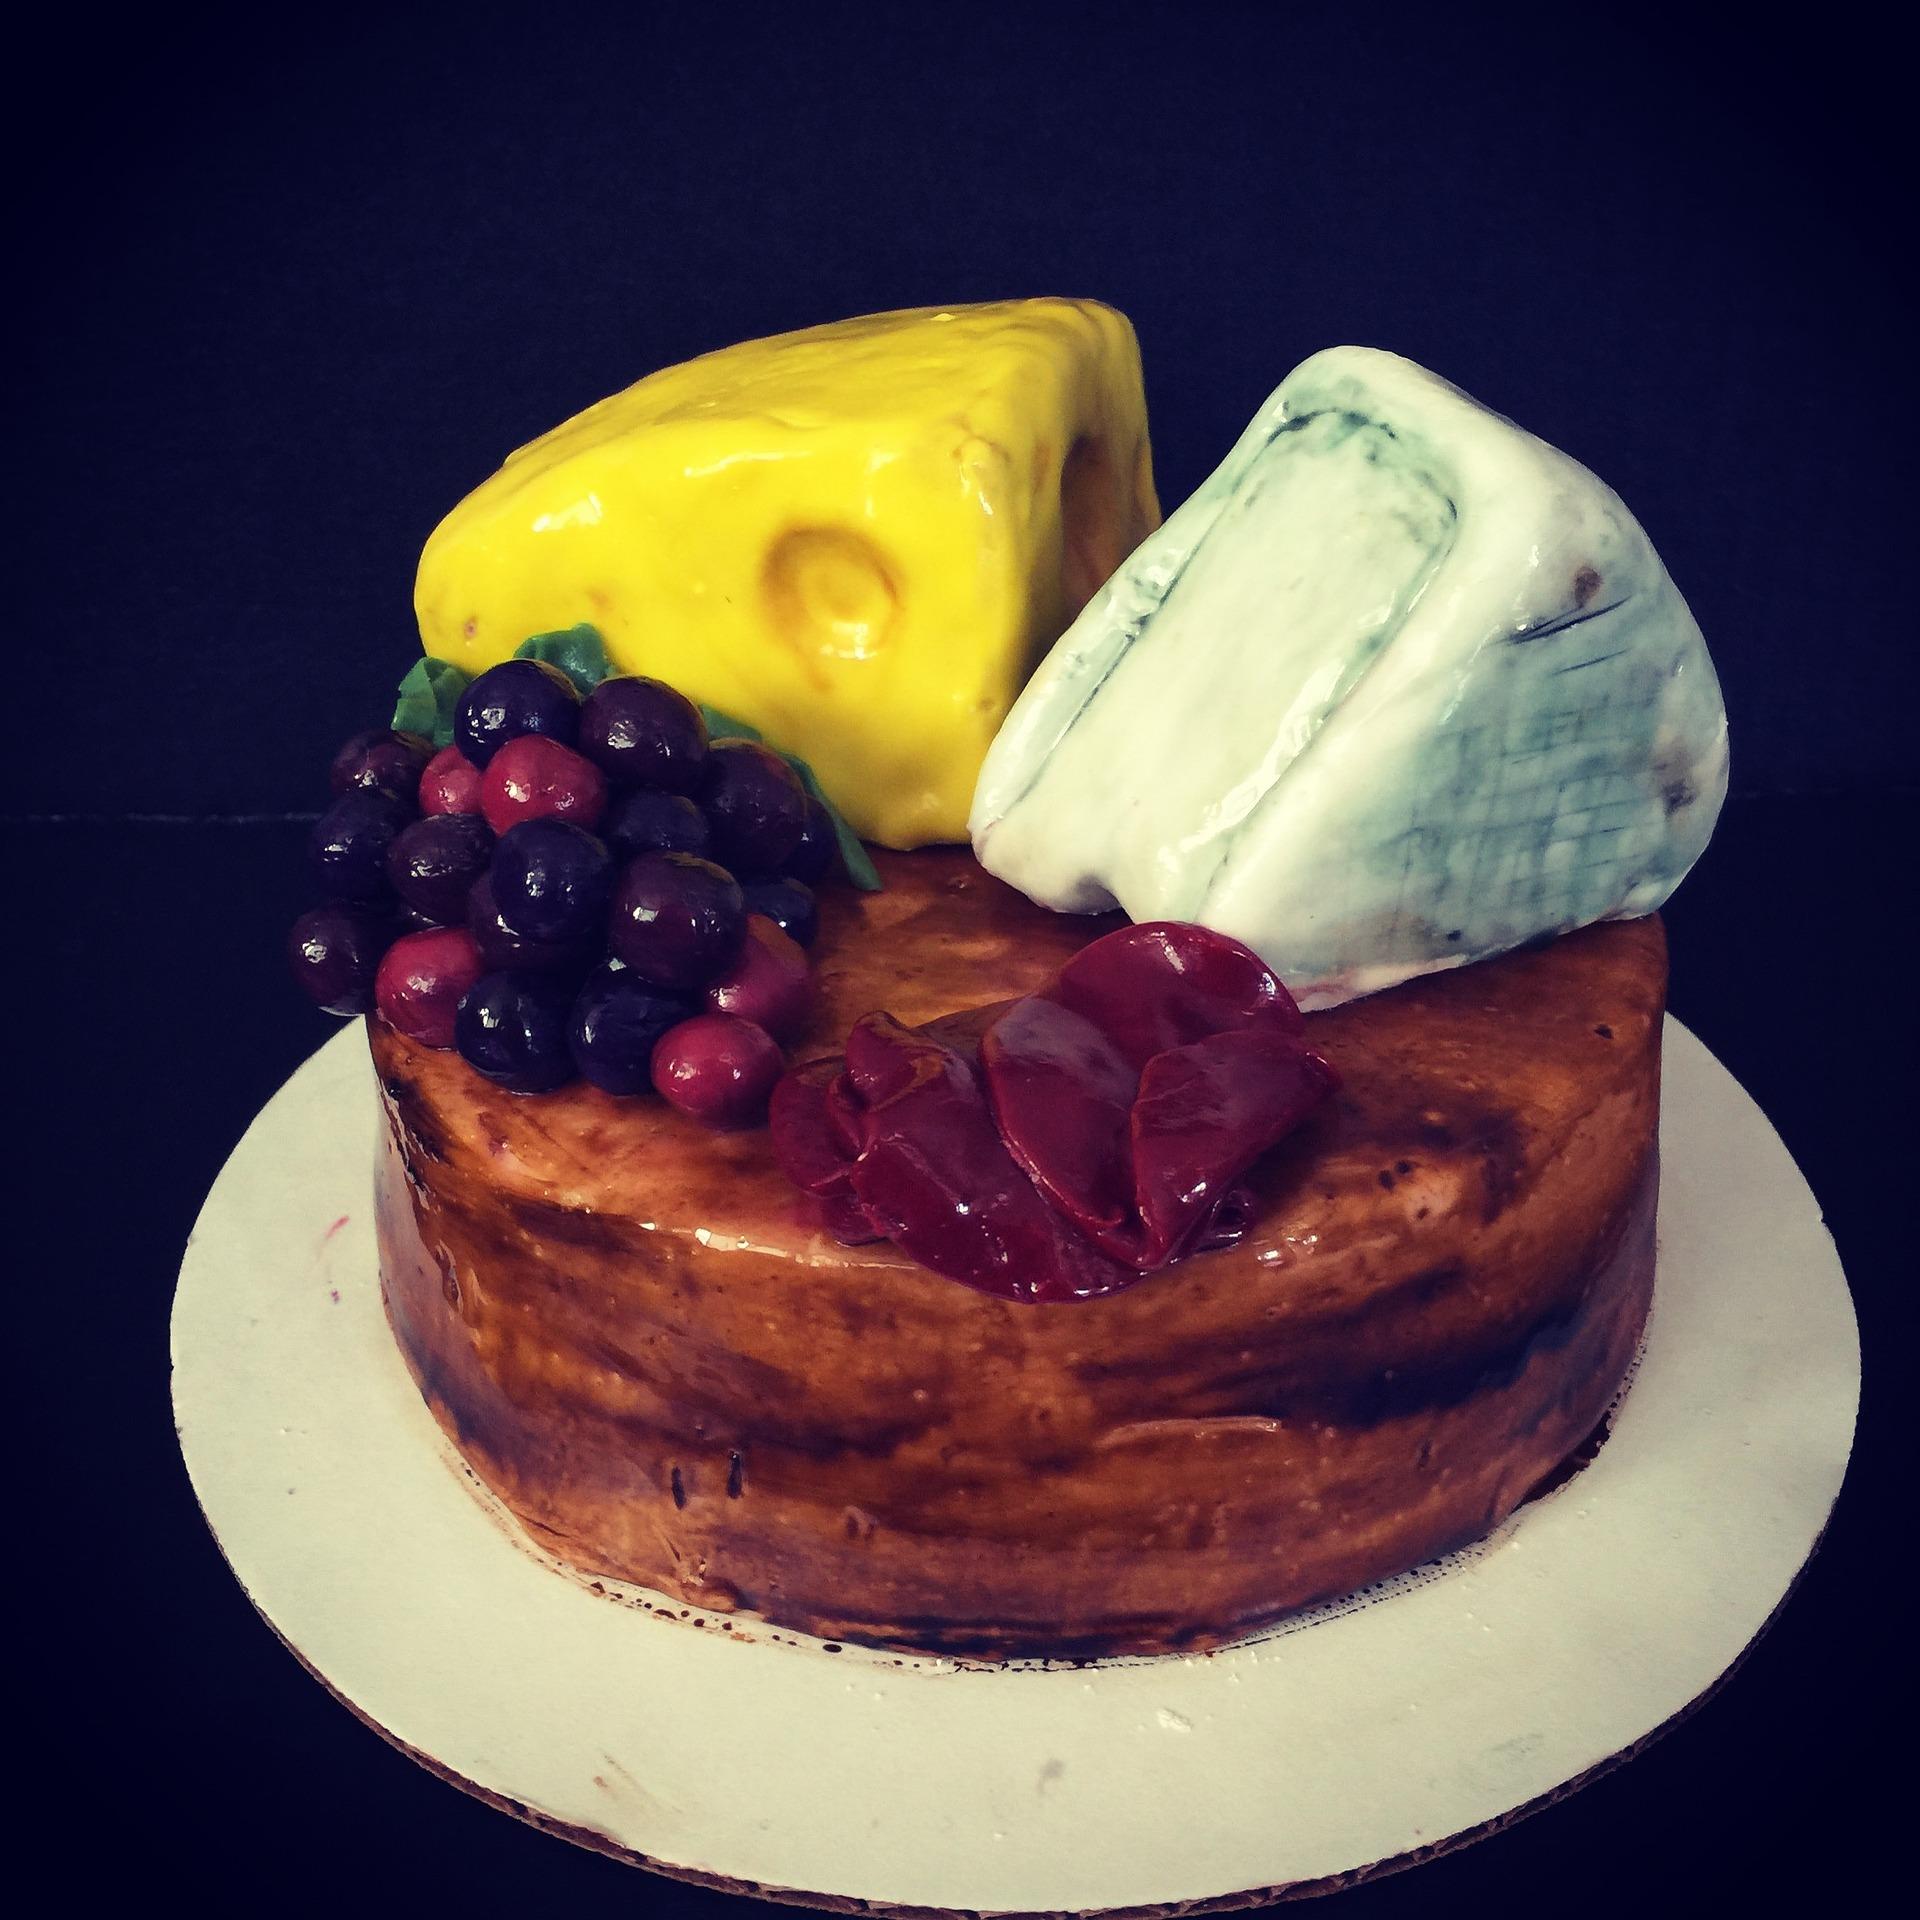 Las tartas fondant son un clásico en pastelería artesana